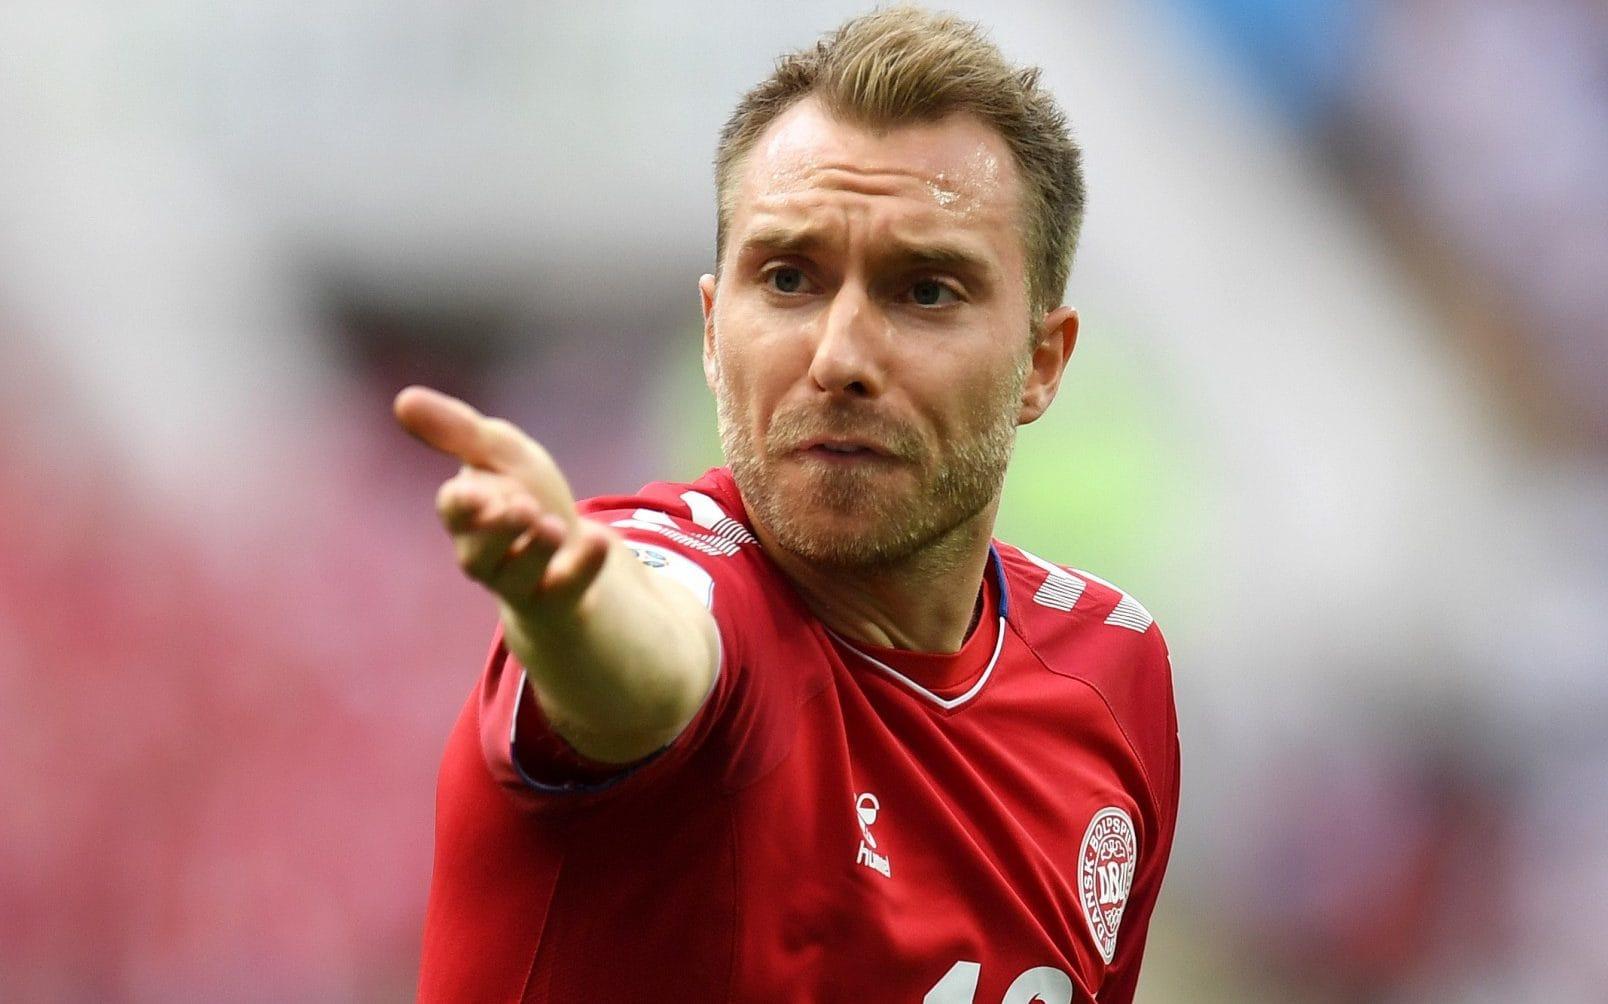 足协与国家队球员和解, 国家联赛全力出战威尔士